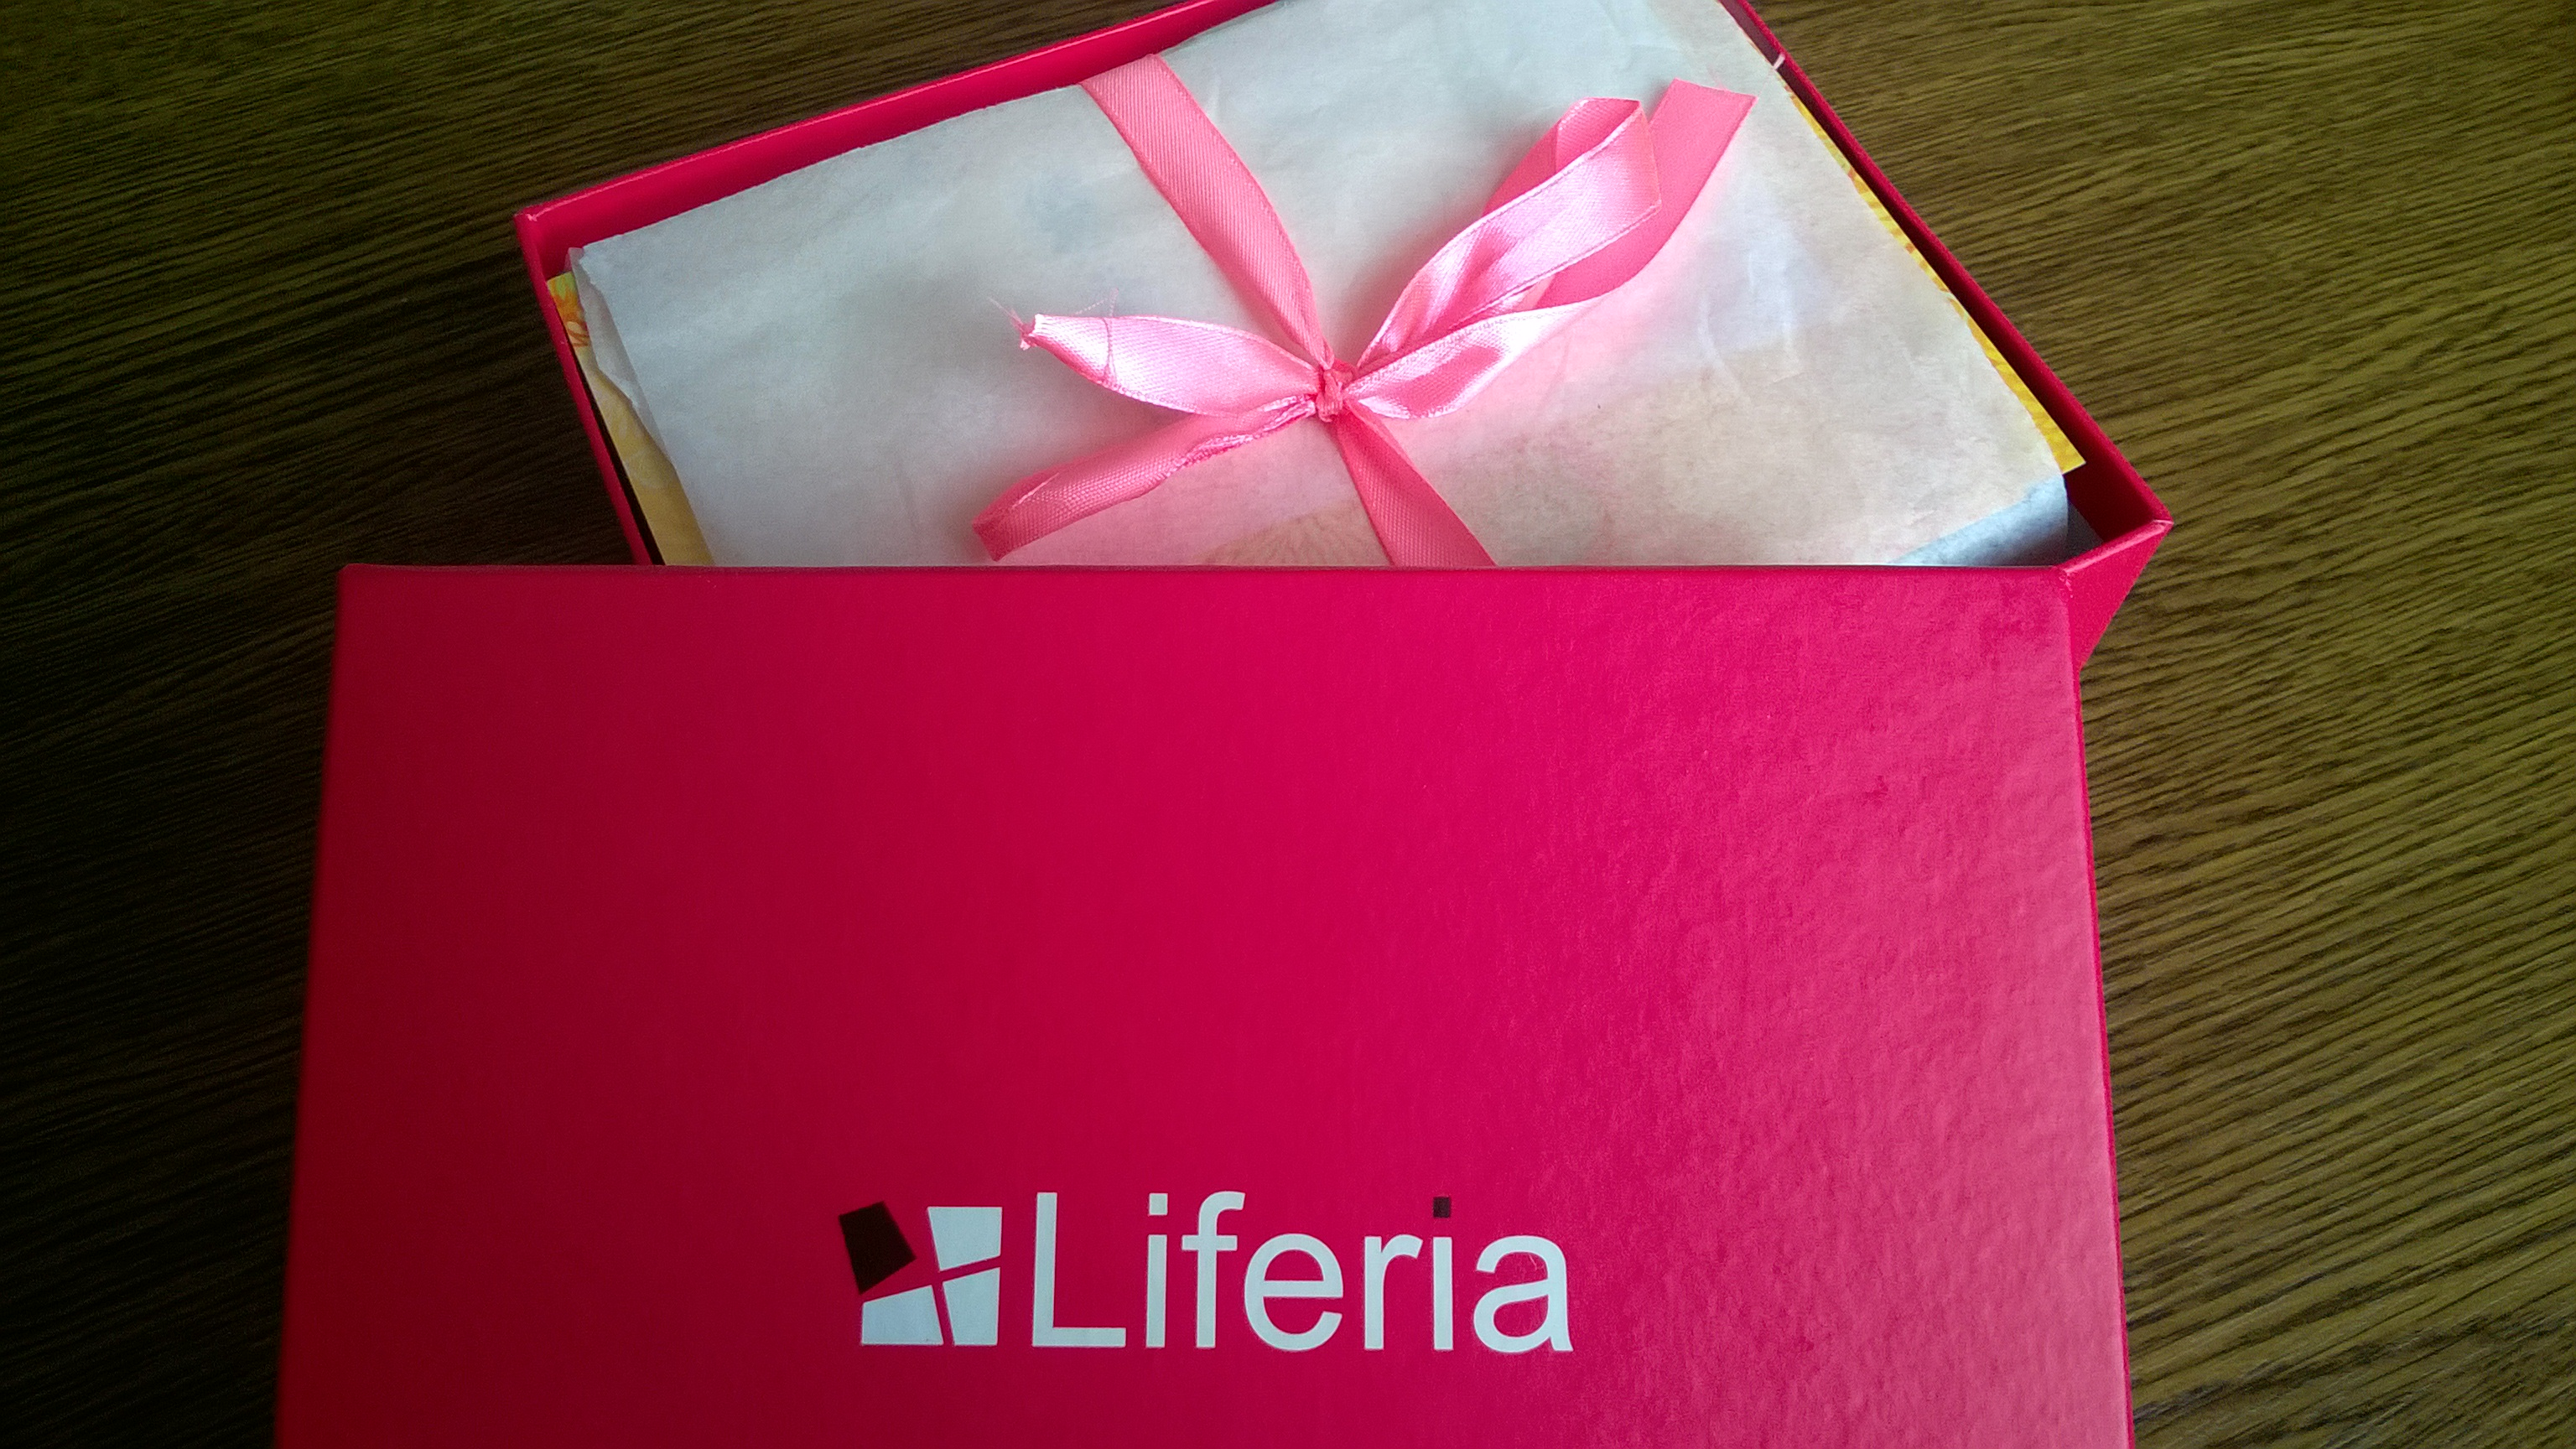 Liferia - pudełko